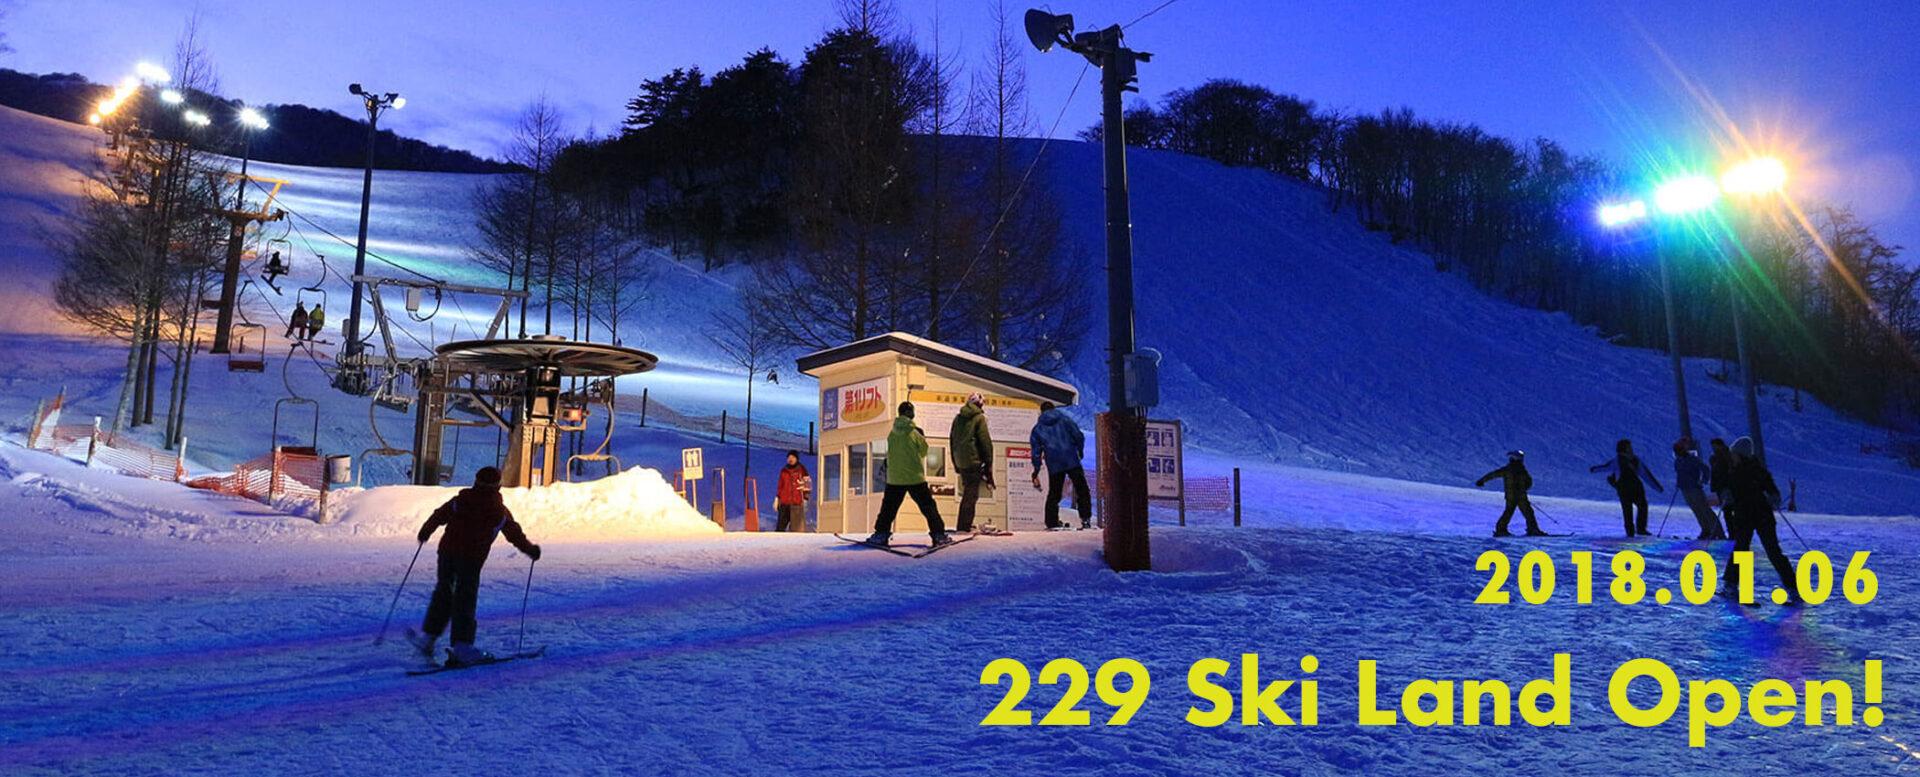 創遊村229スキーランド